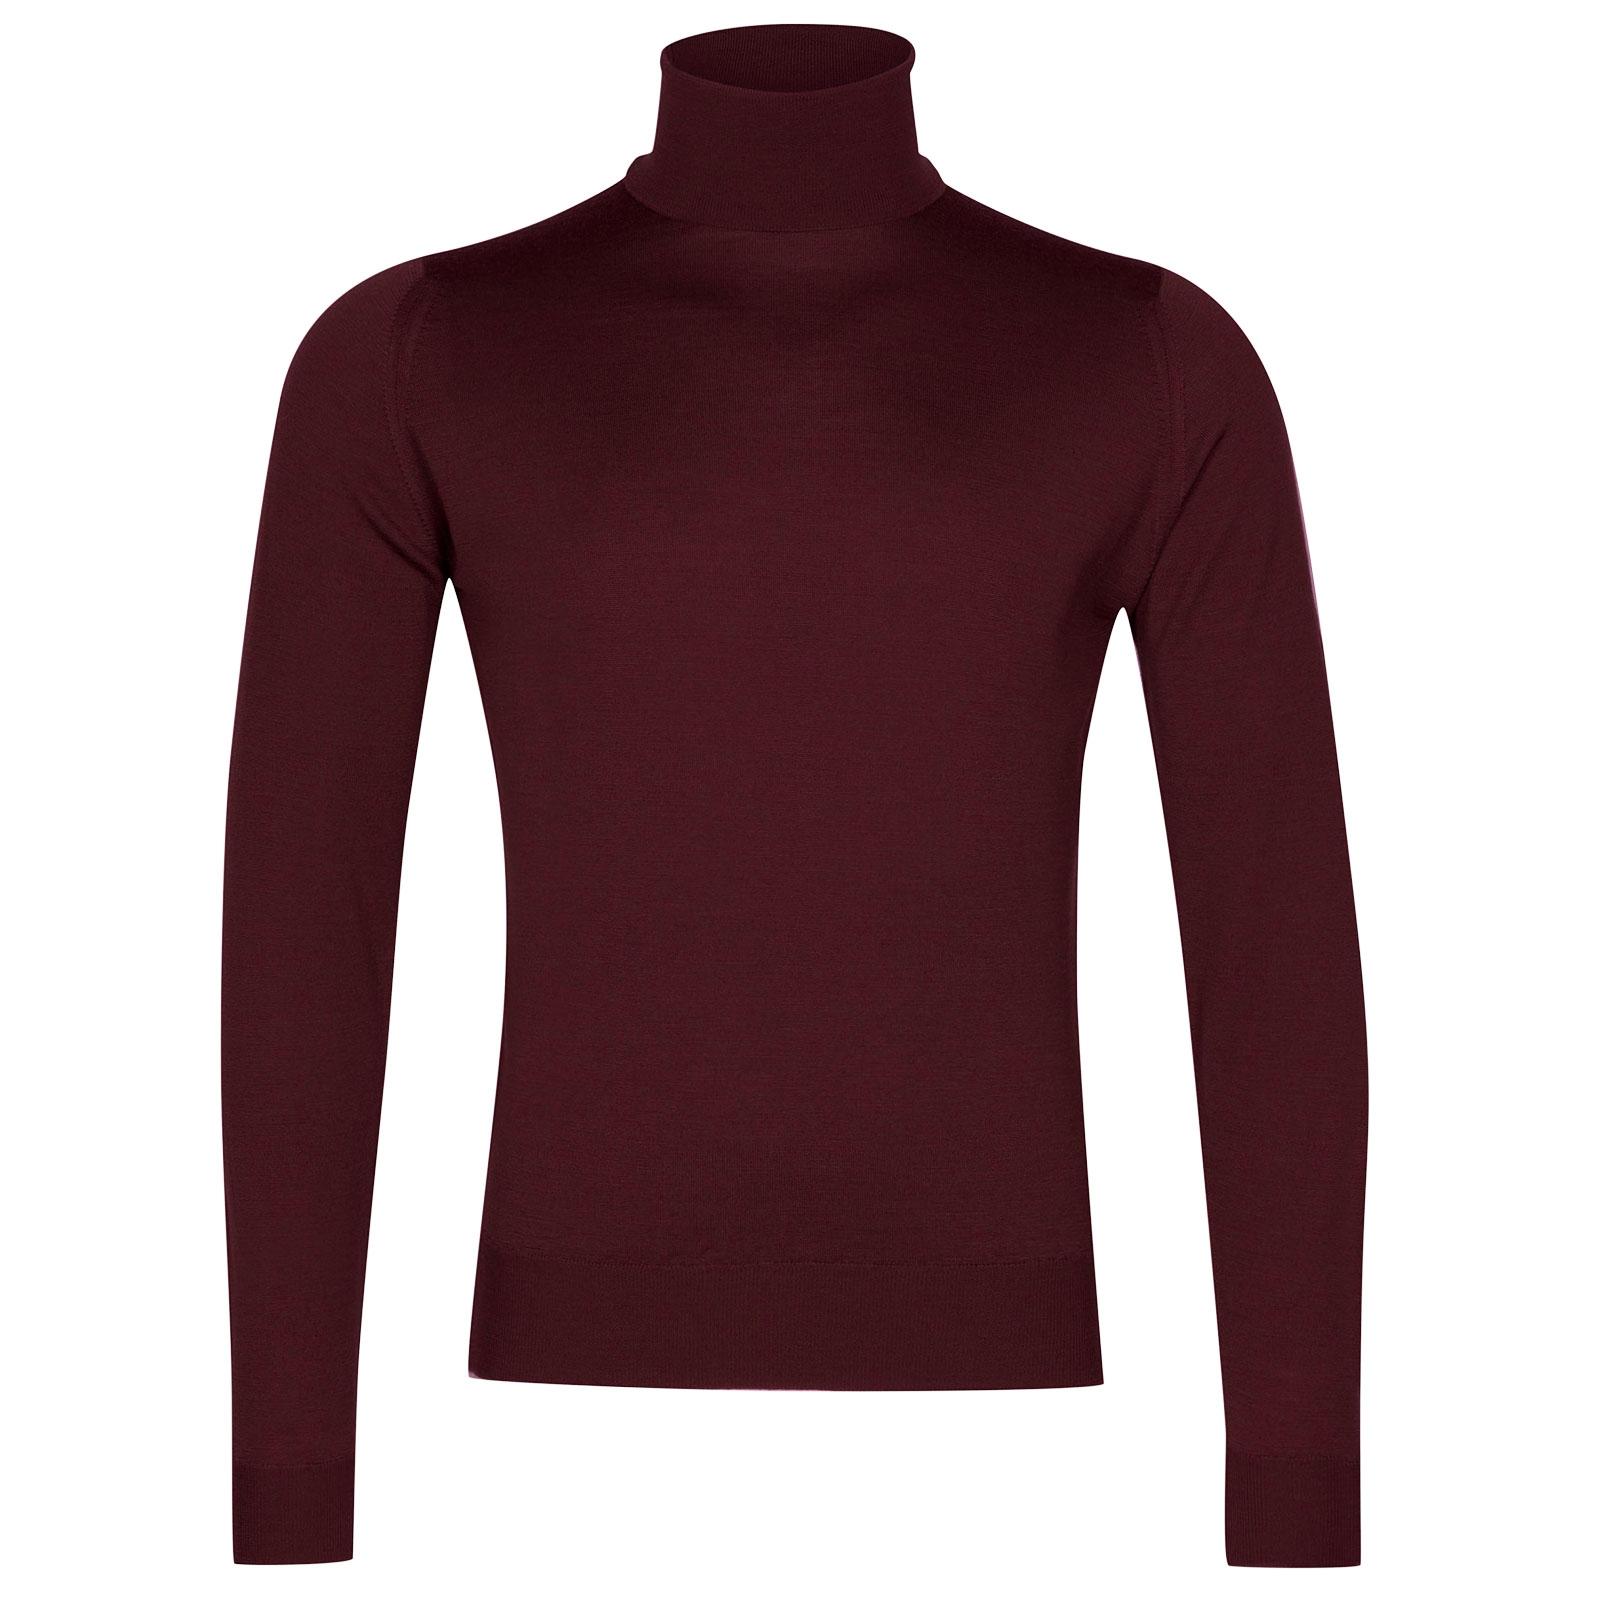 John Smedley Orta Merino Wool Pullover in Bordeaux-XXL